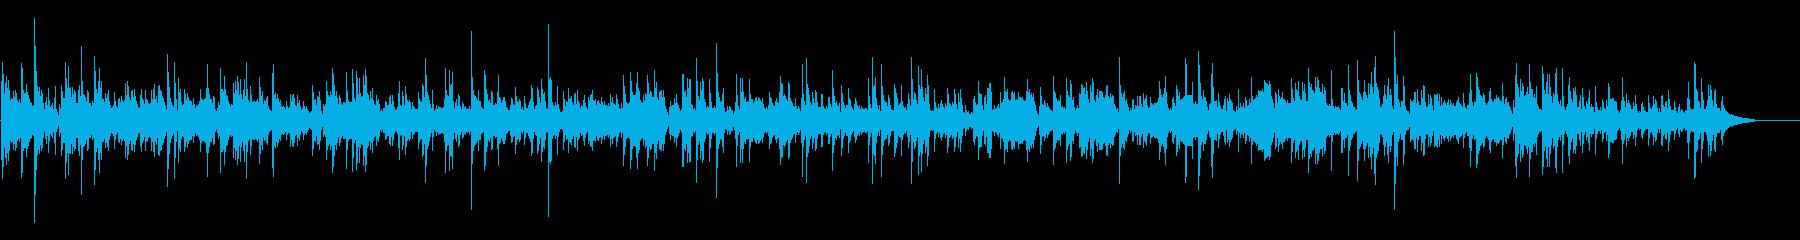 のんぴり、ゆったりしたカントリーBGMの再生済みの波形